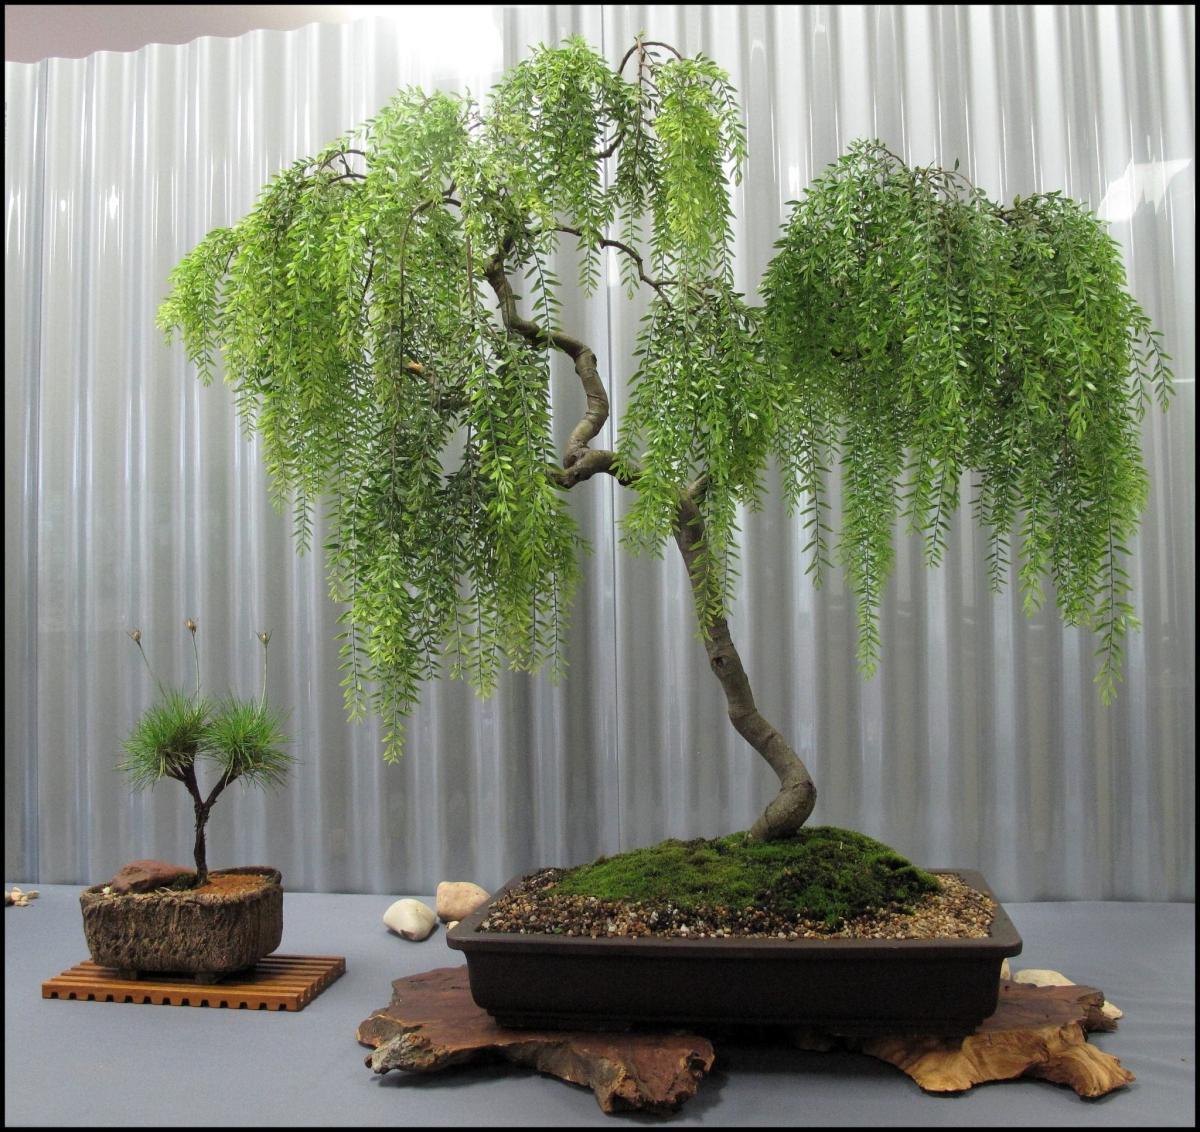 Vista del bonsai de sauce llorón